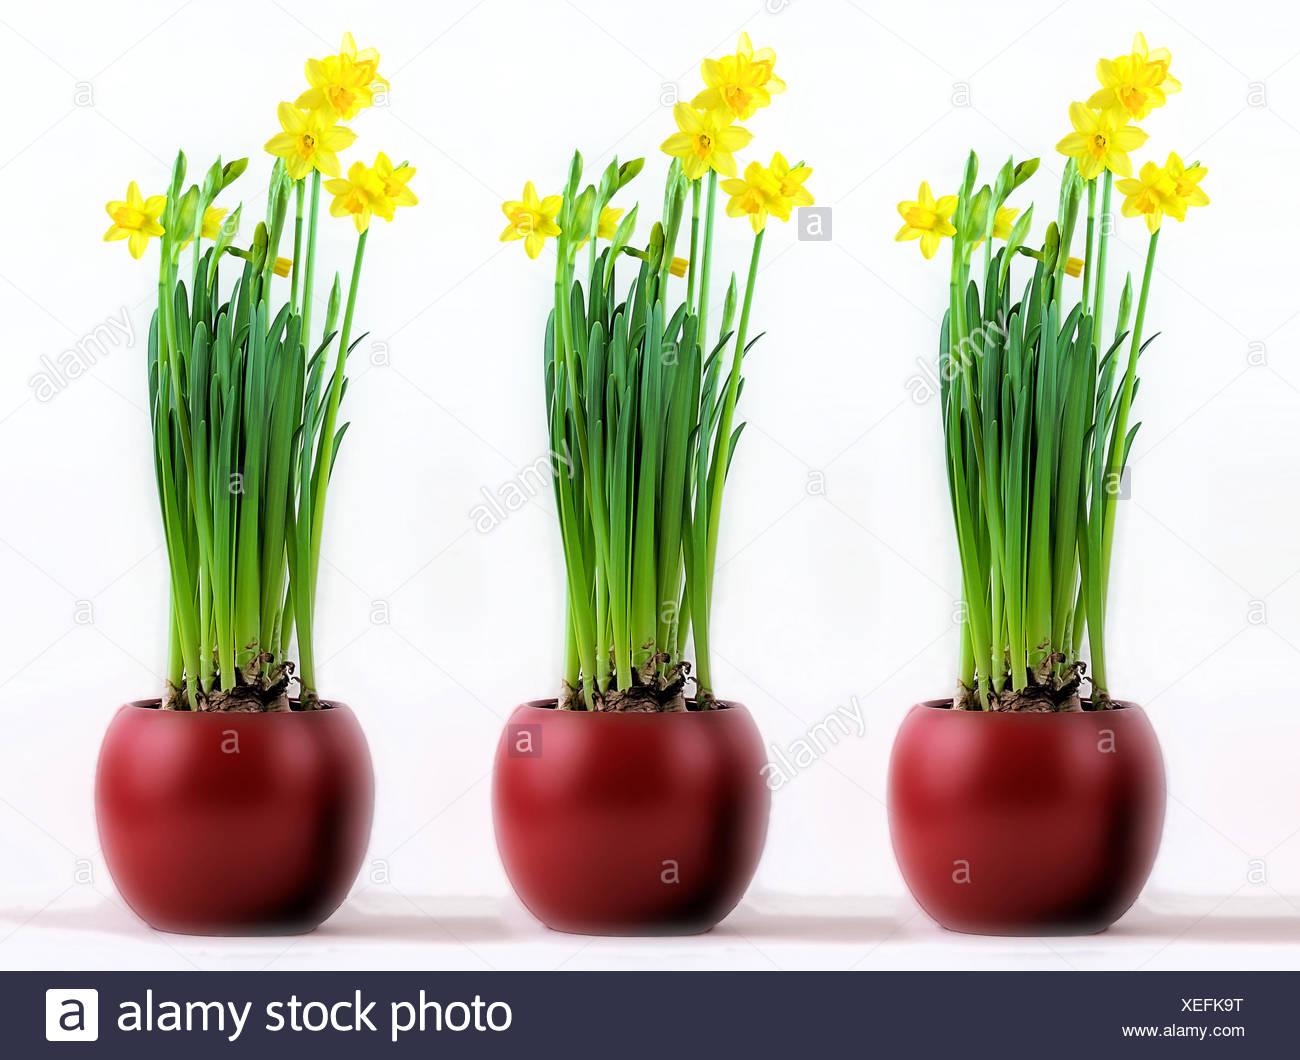 Drei Rote Töpfe Mit Blühenden Gelben Narzissen, Three Red Pots With  Flourishing Yellow Daffodils